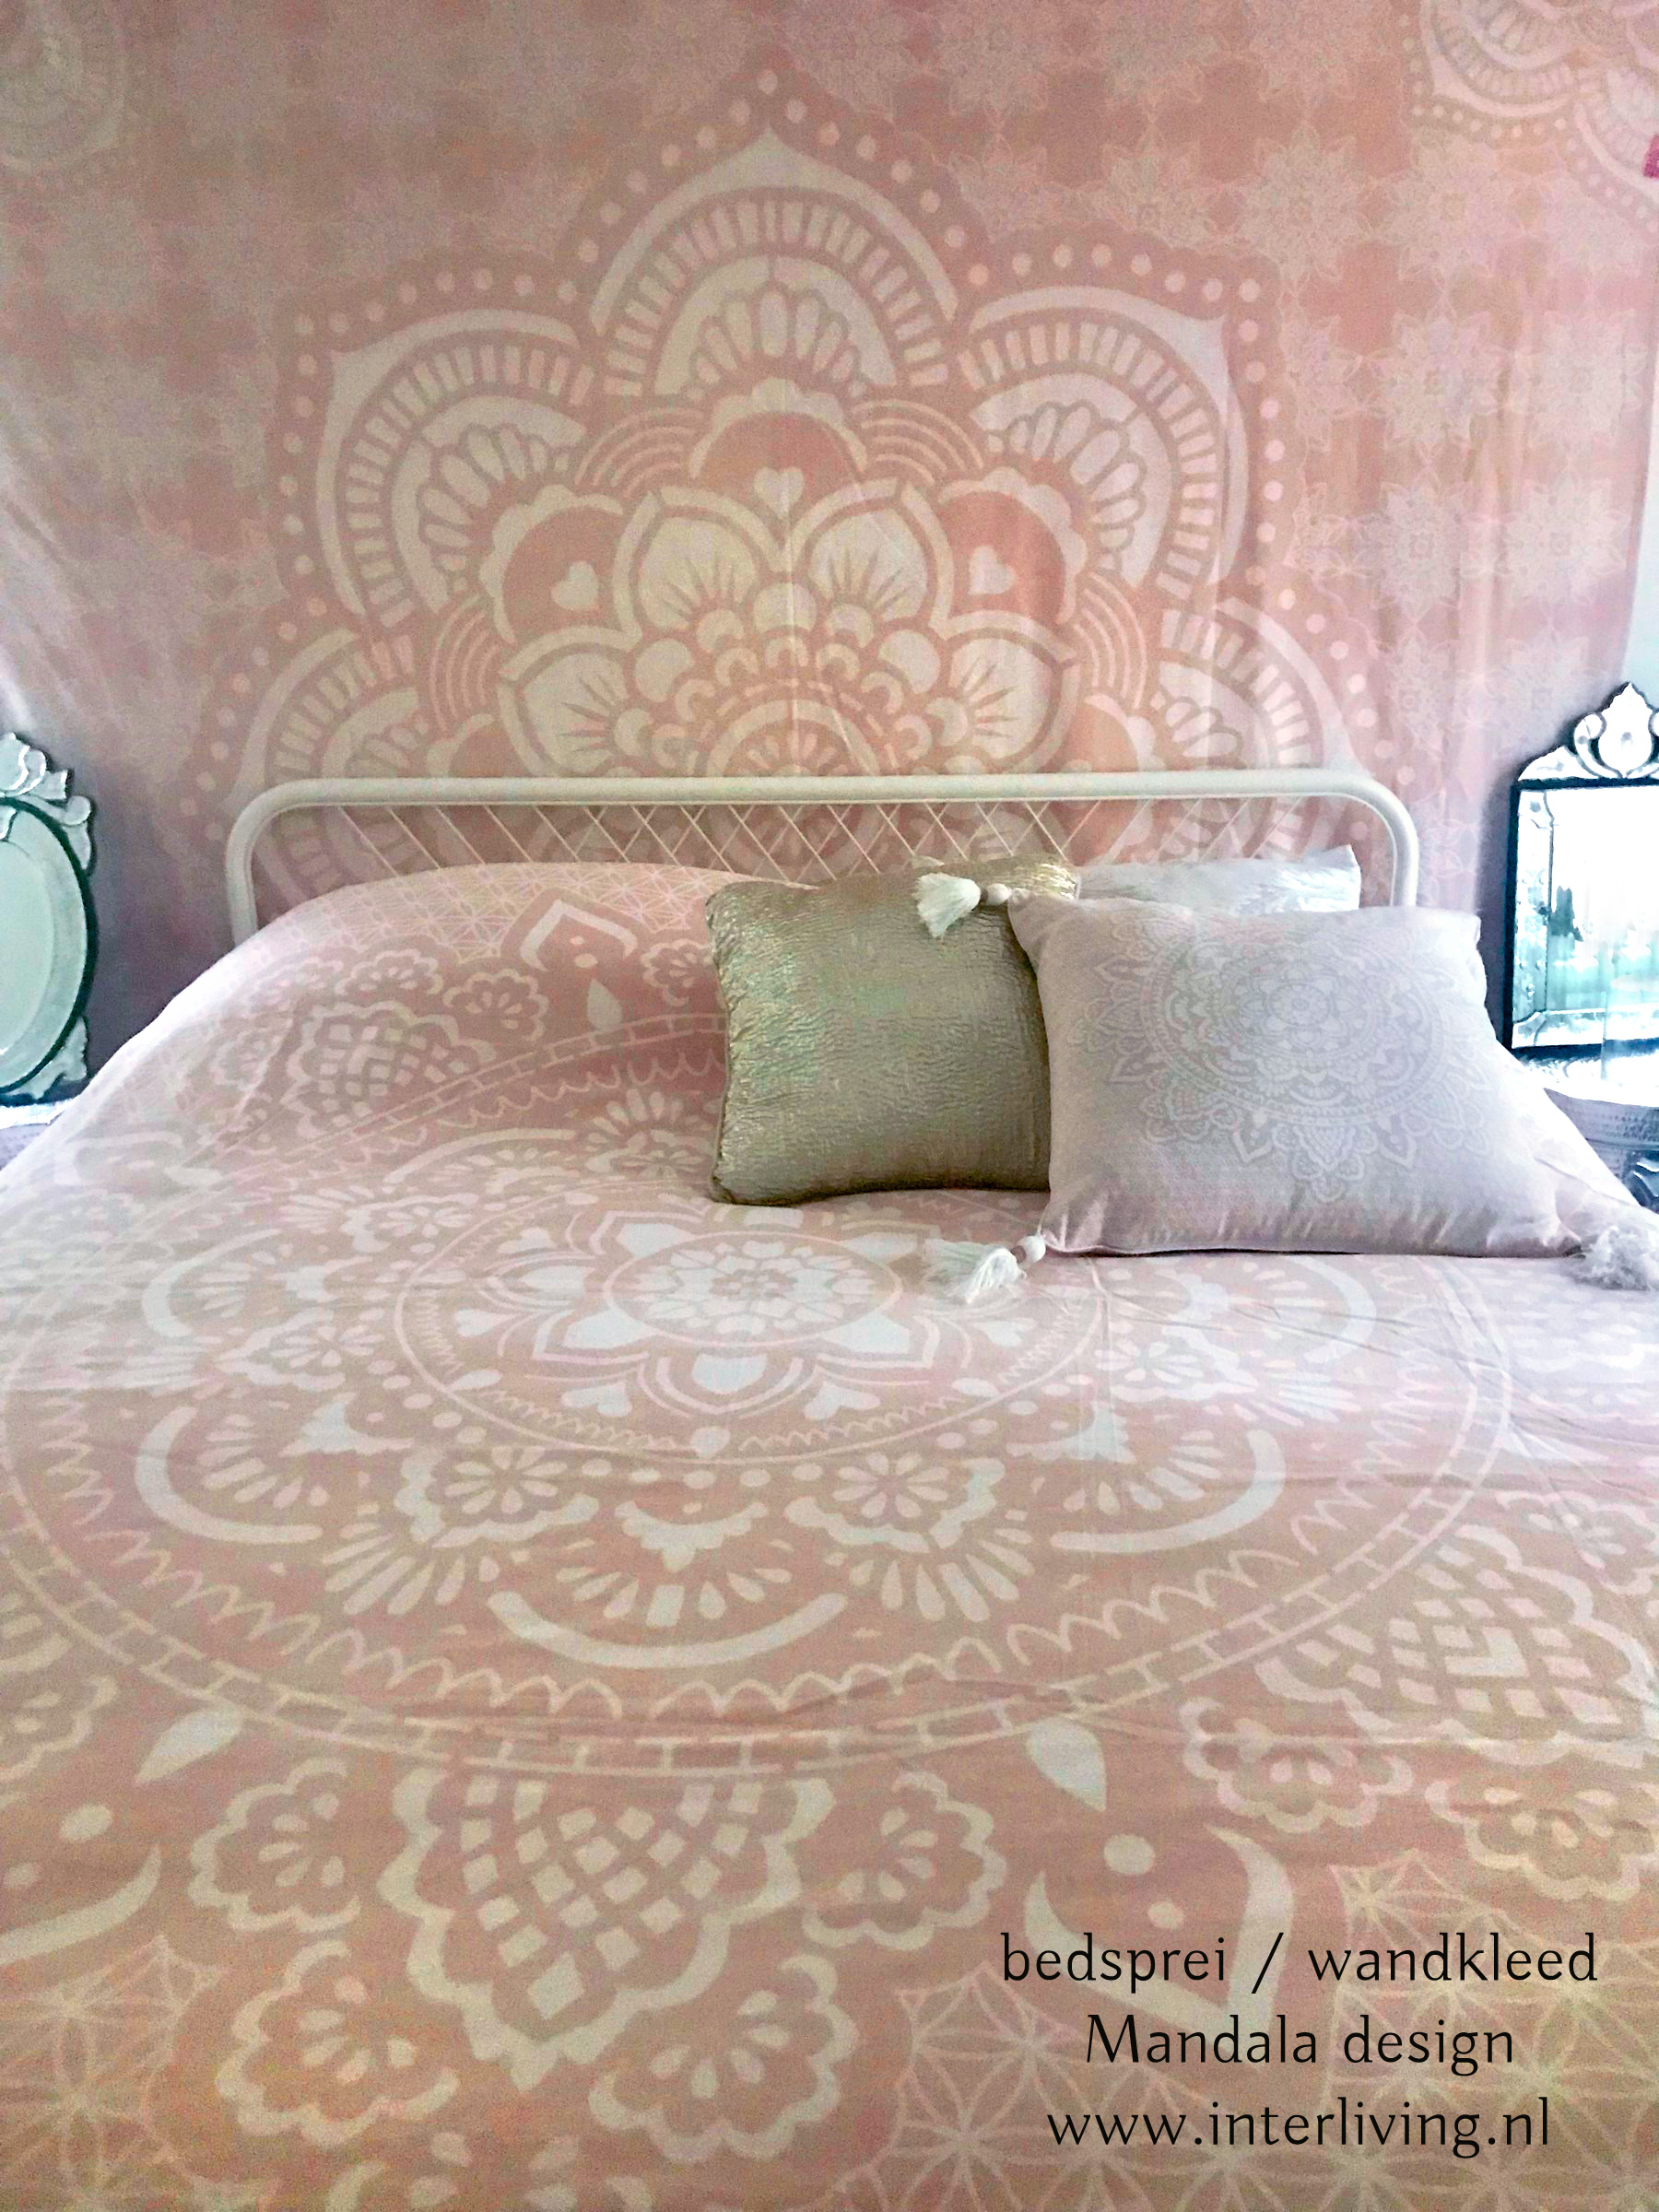 Mandala patroon sierkussen & roze bedsprei Boho Ibiza chic